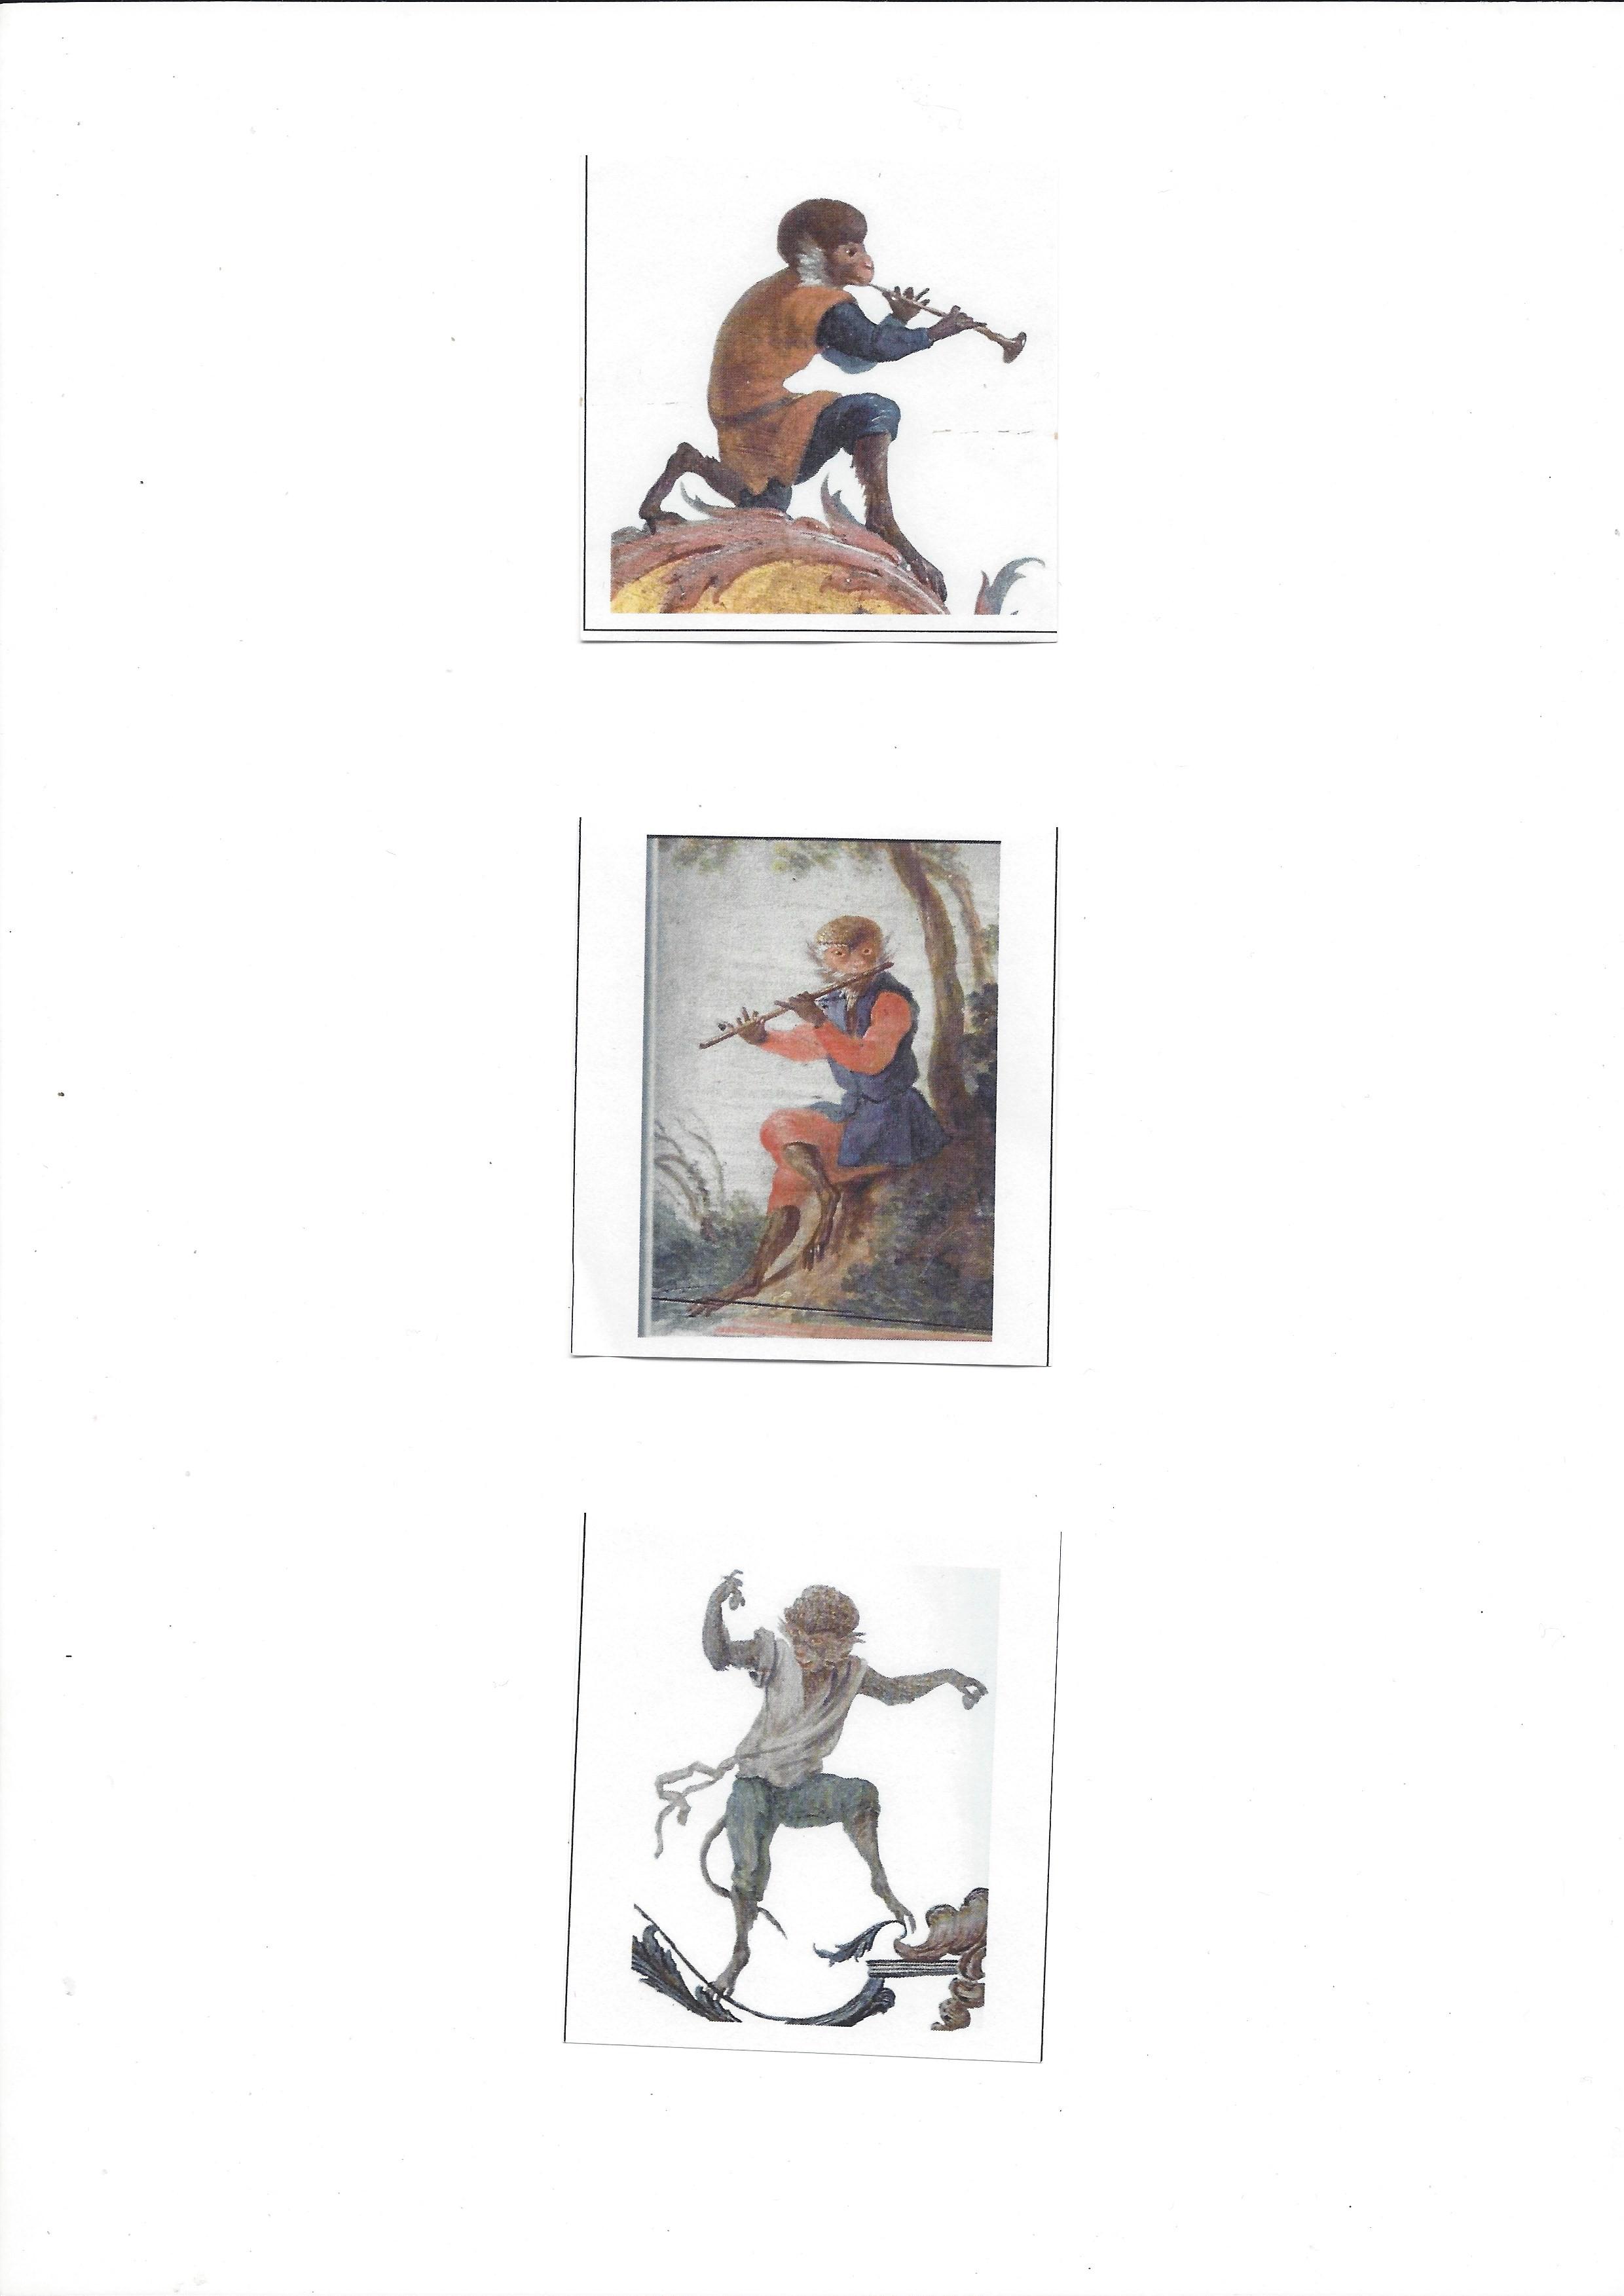 2020-07-17_171007 les trois petits singes de la folie desmares